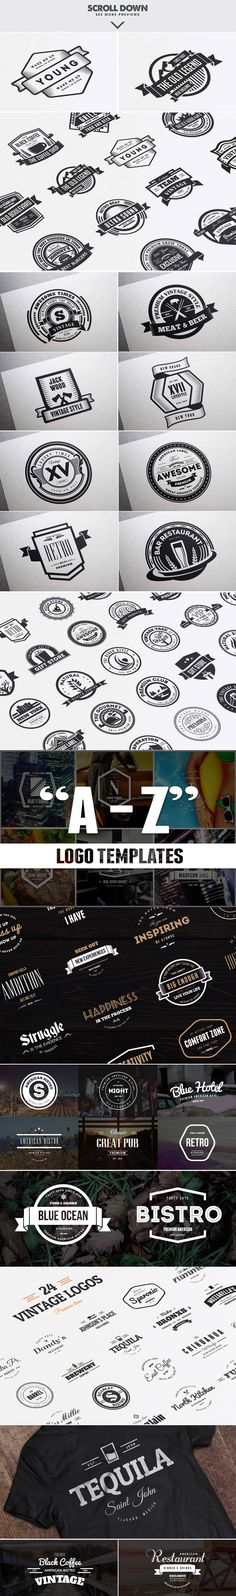 MASSIVE BUNDLE 576 Vintage Logos by DesignDistrict on Creative Market